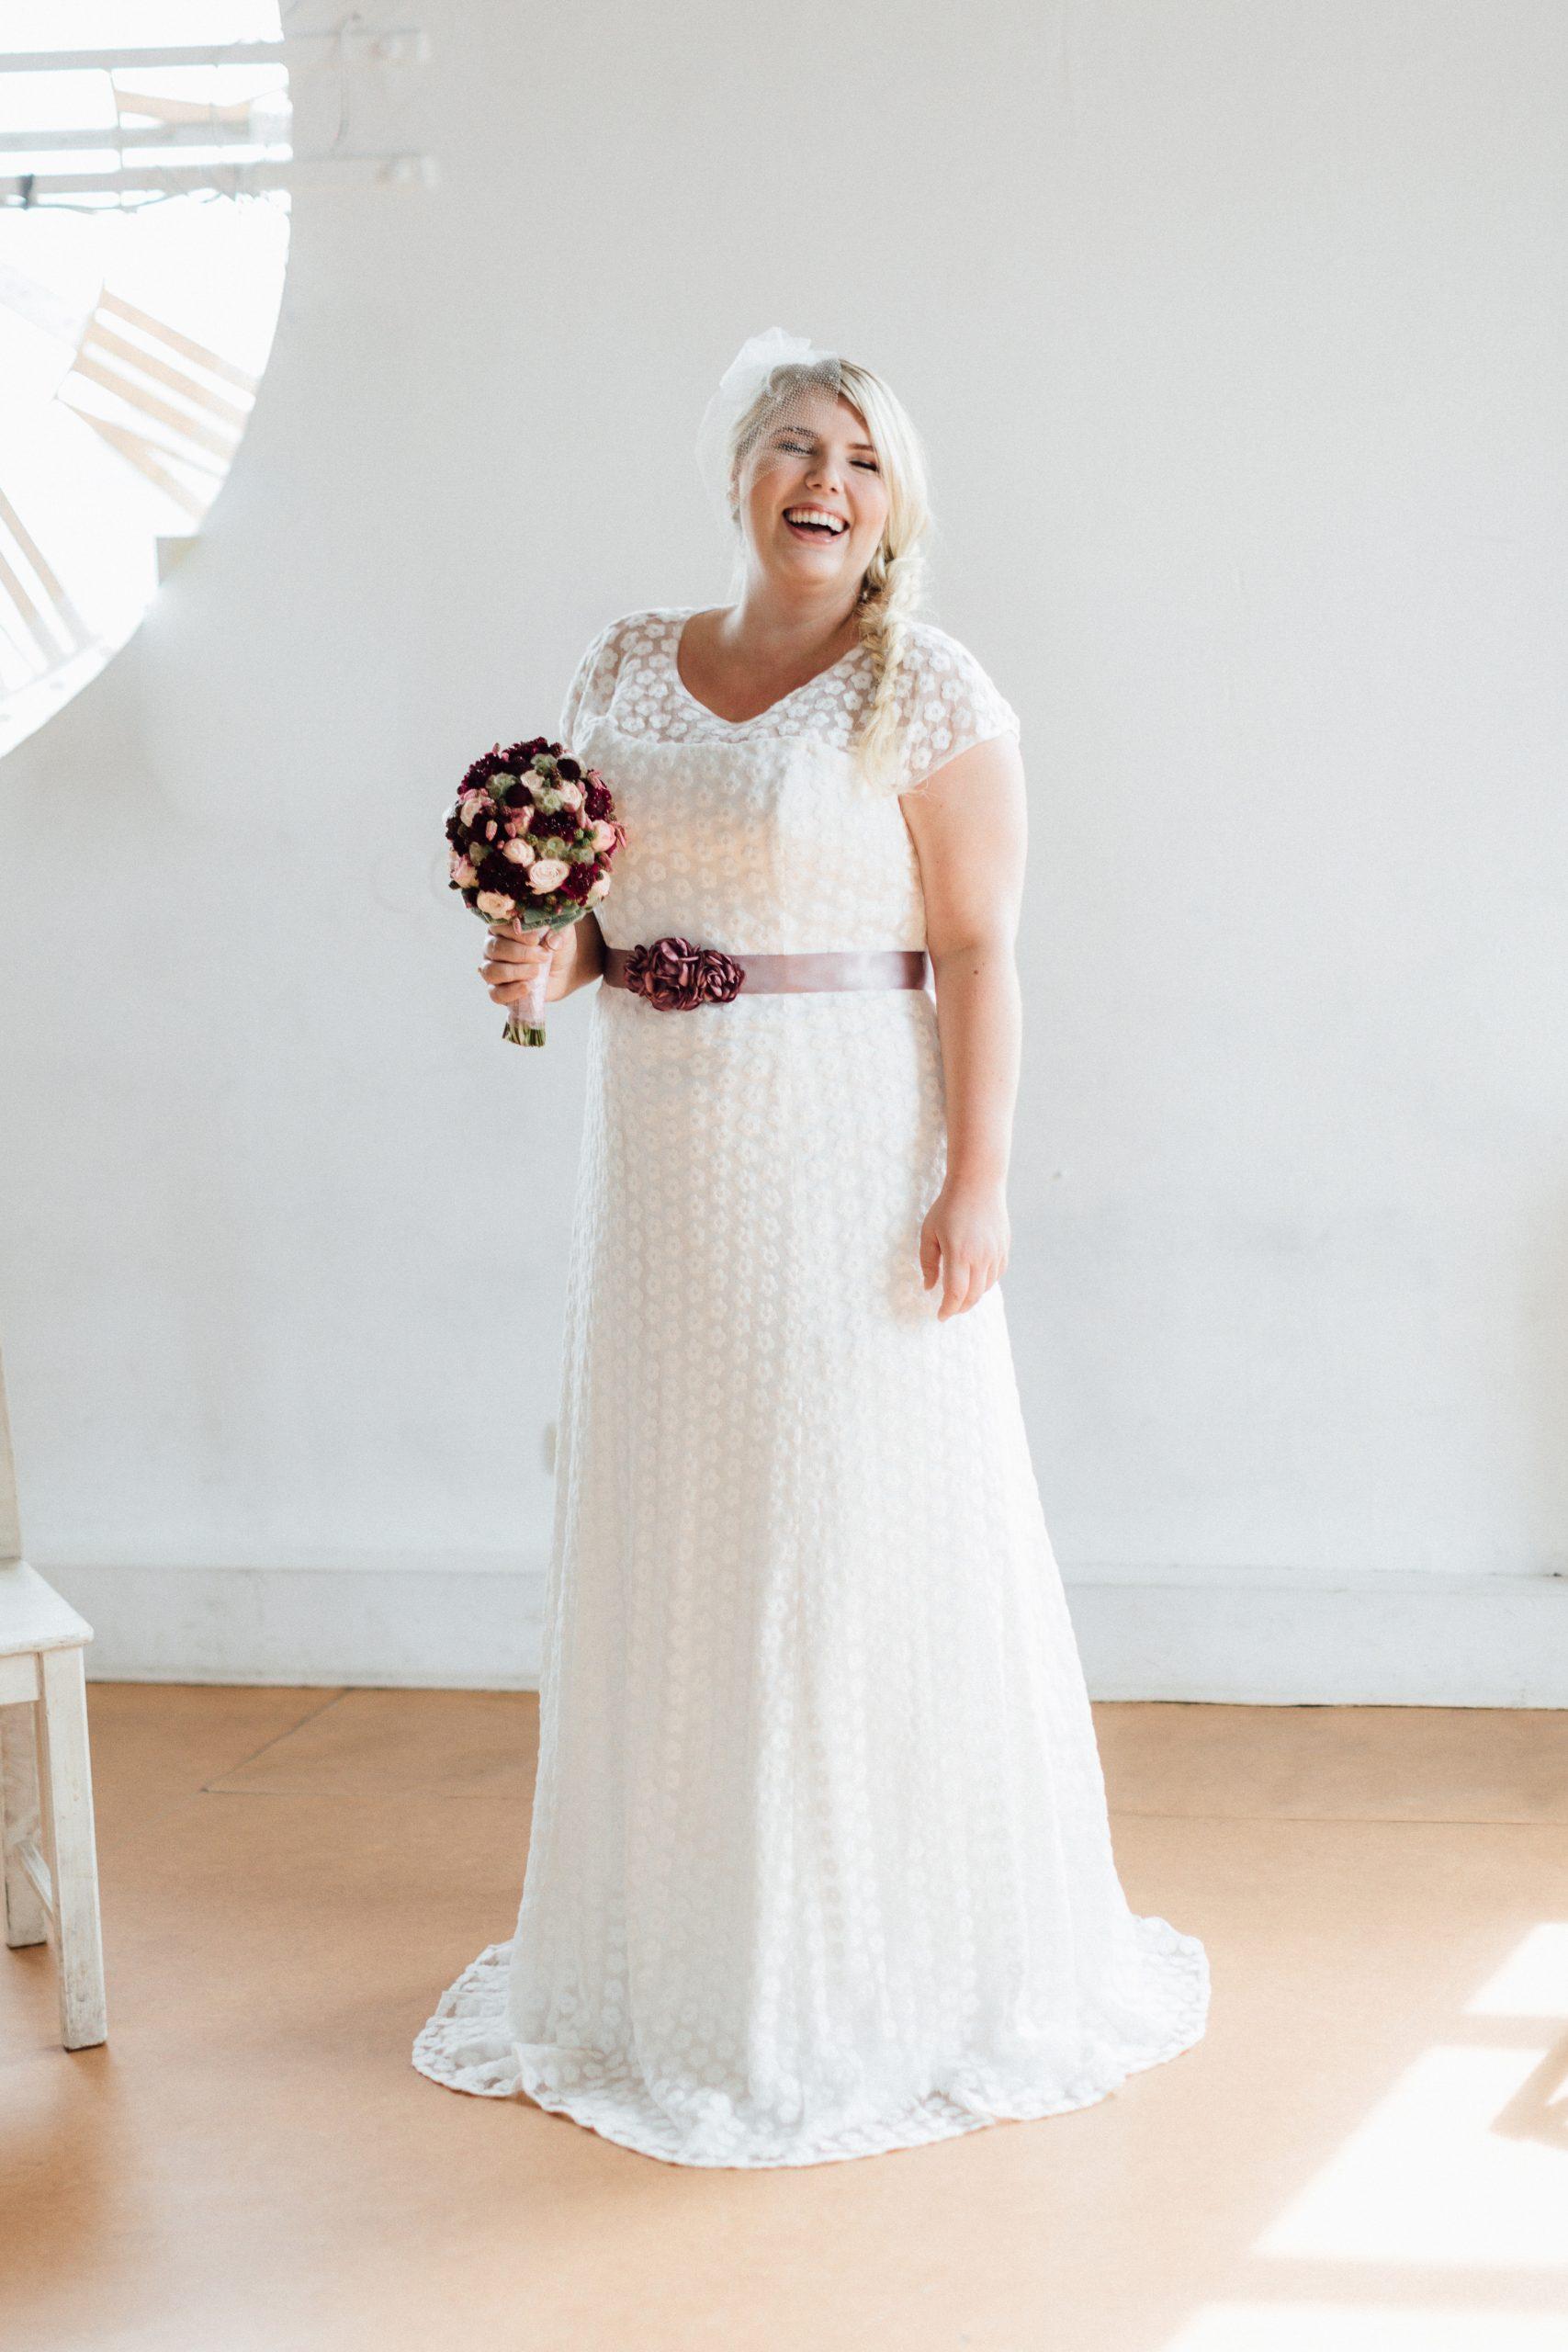 Brautkleider In Großen Größen Für Plus Size Bräute